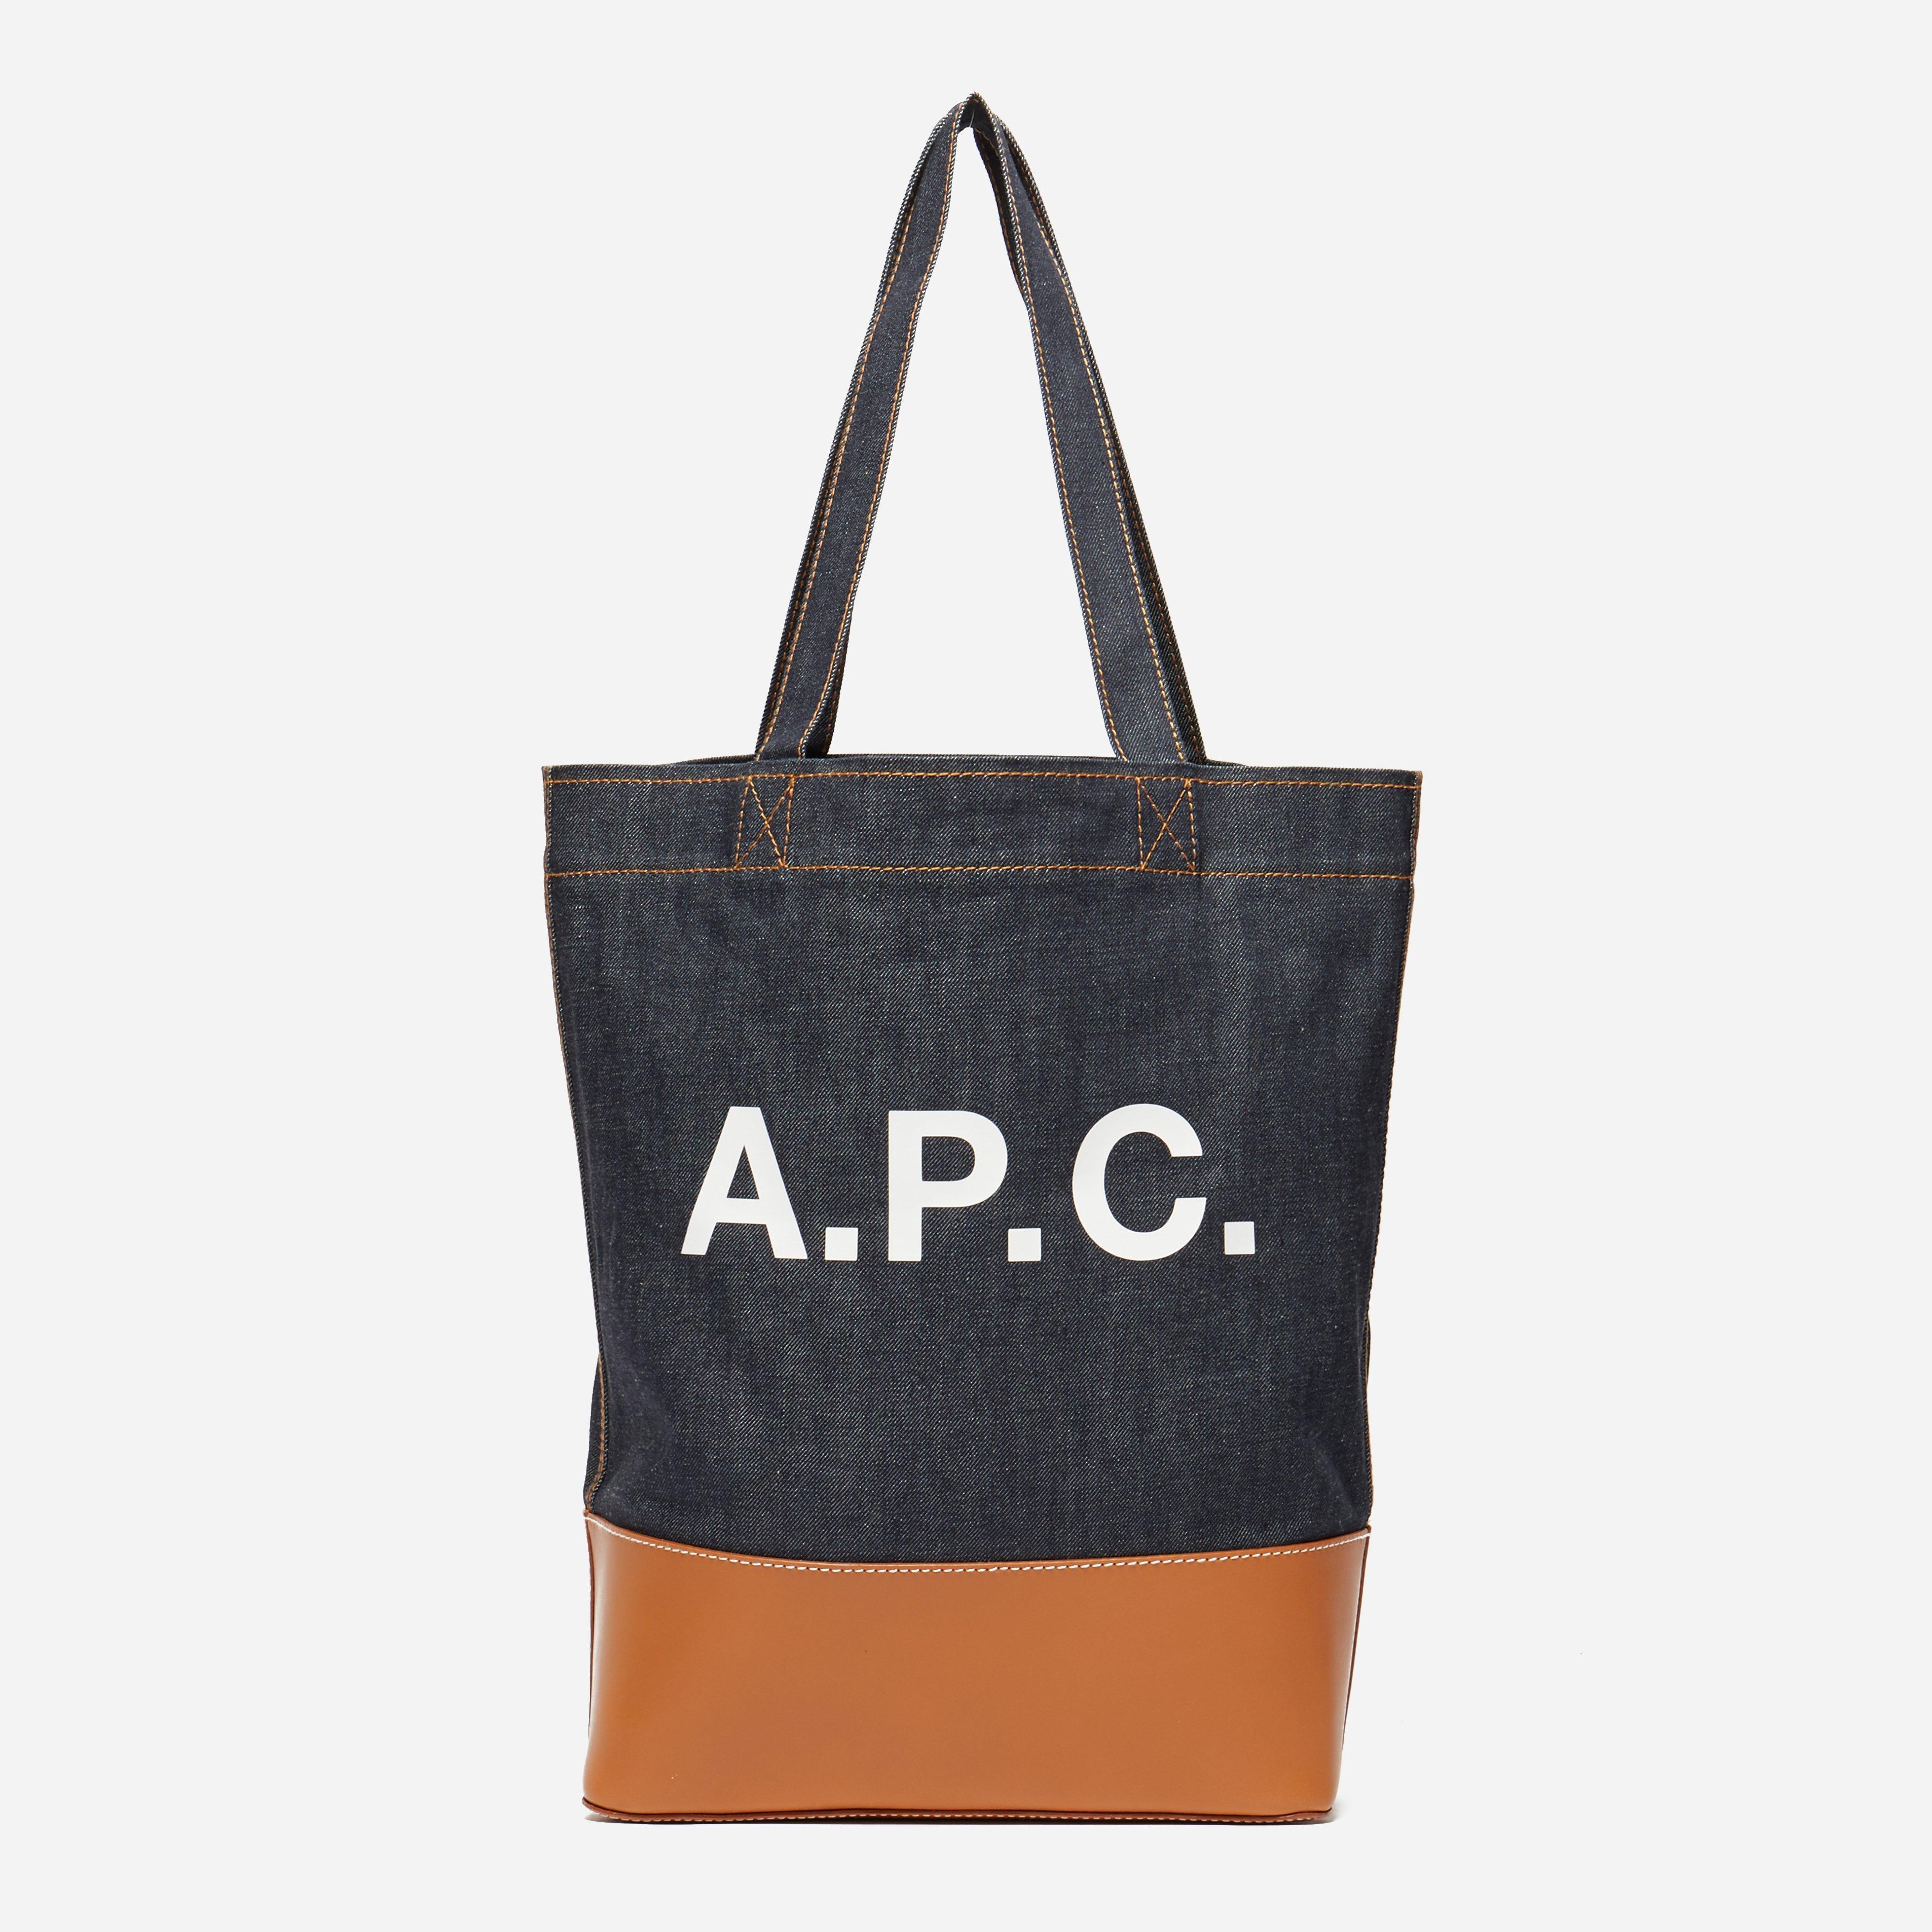 A.P.C. Denim Tote Bag